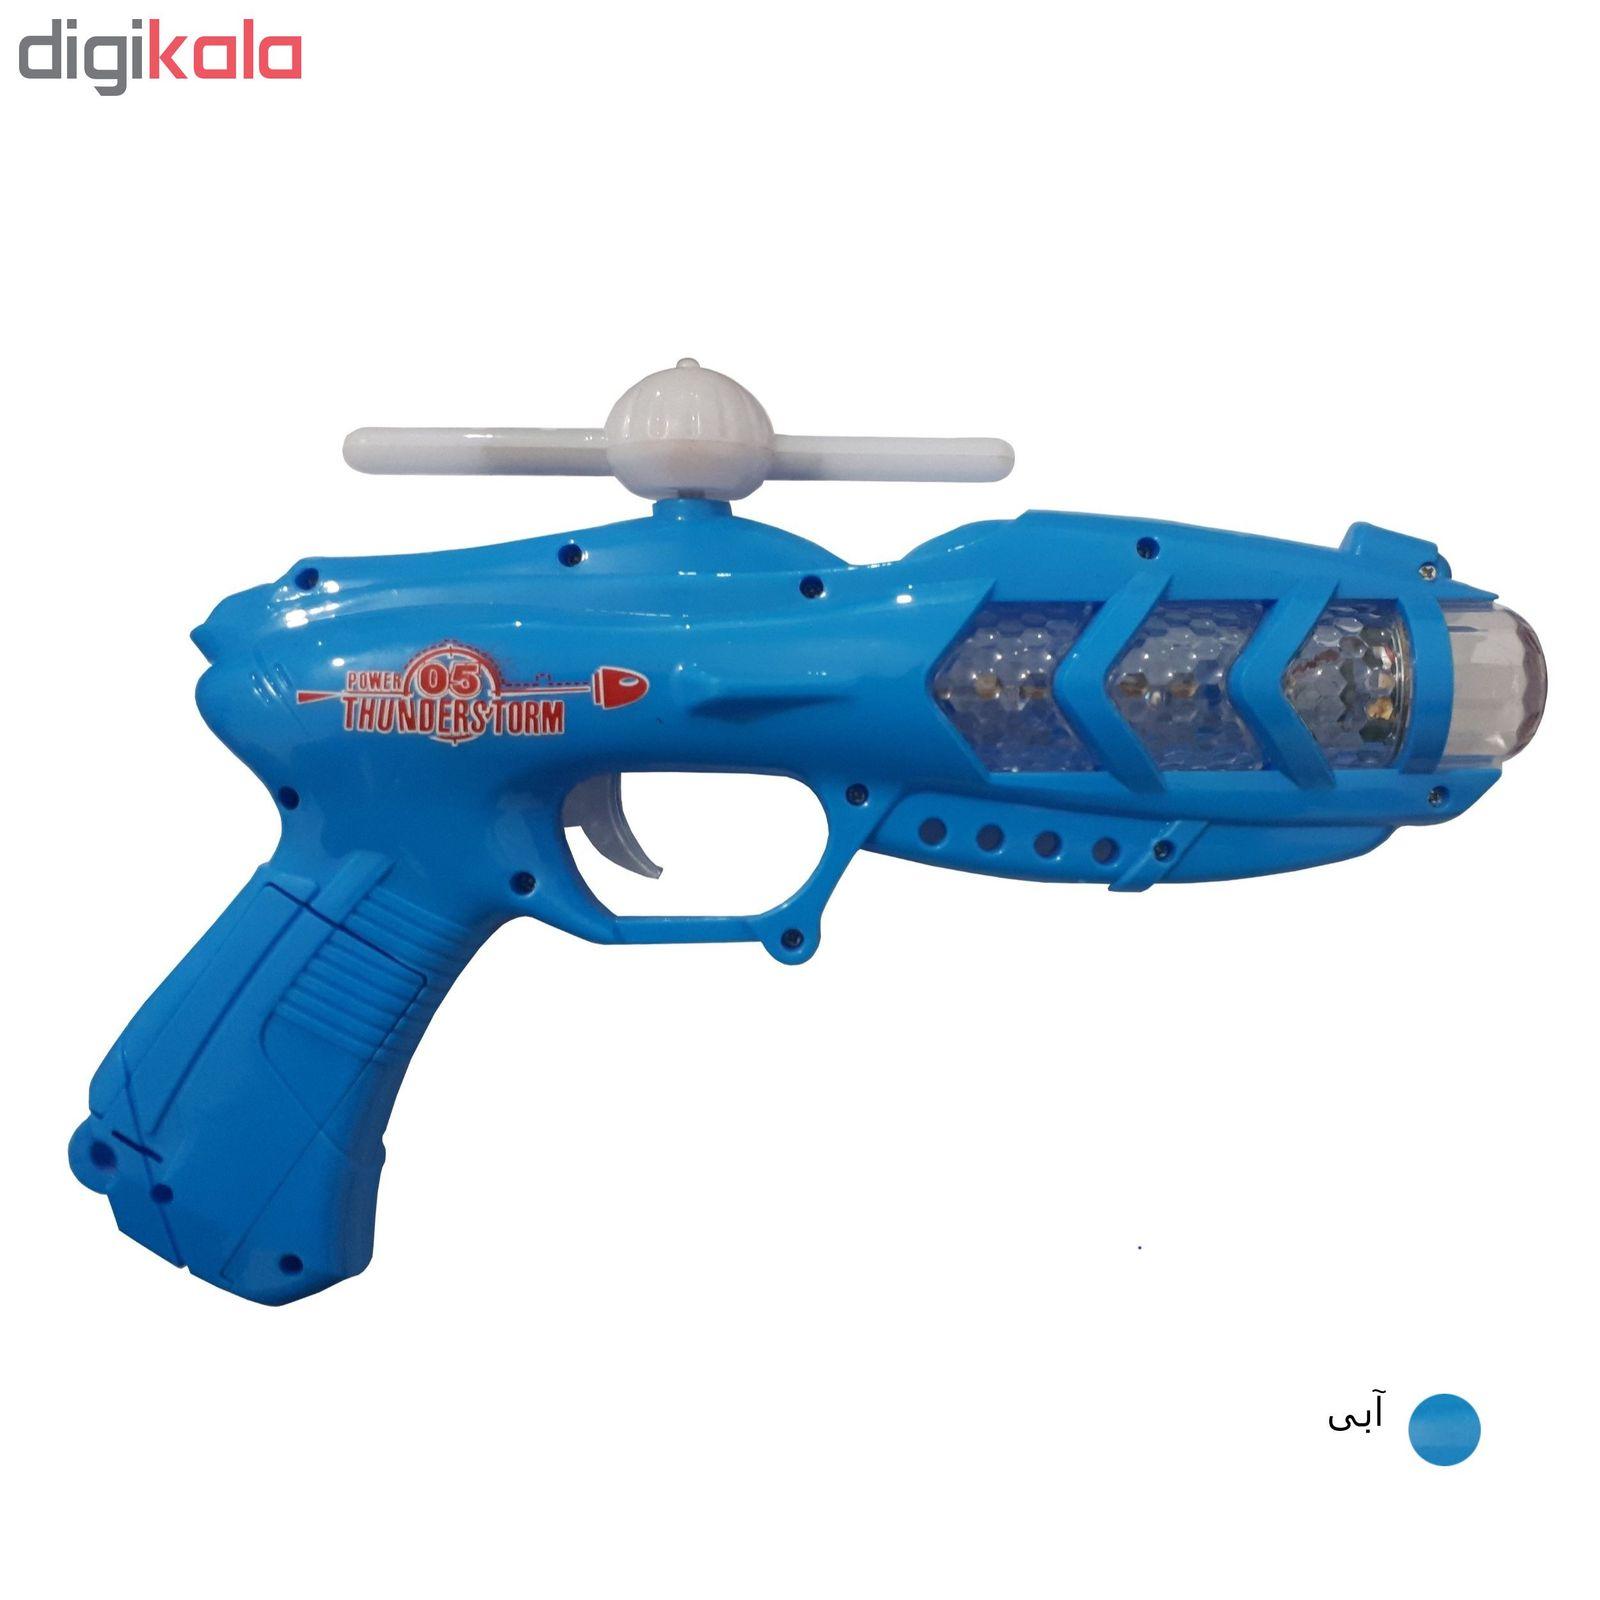 تفنگ بازی کد 5577